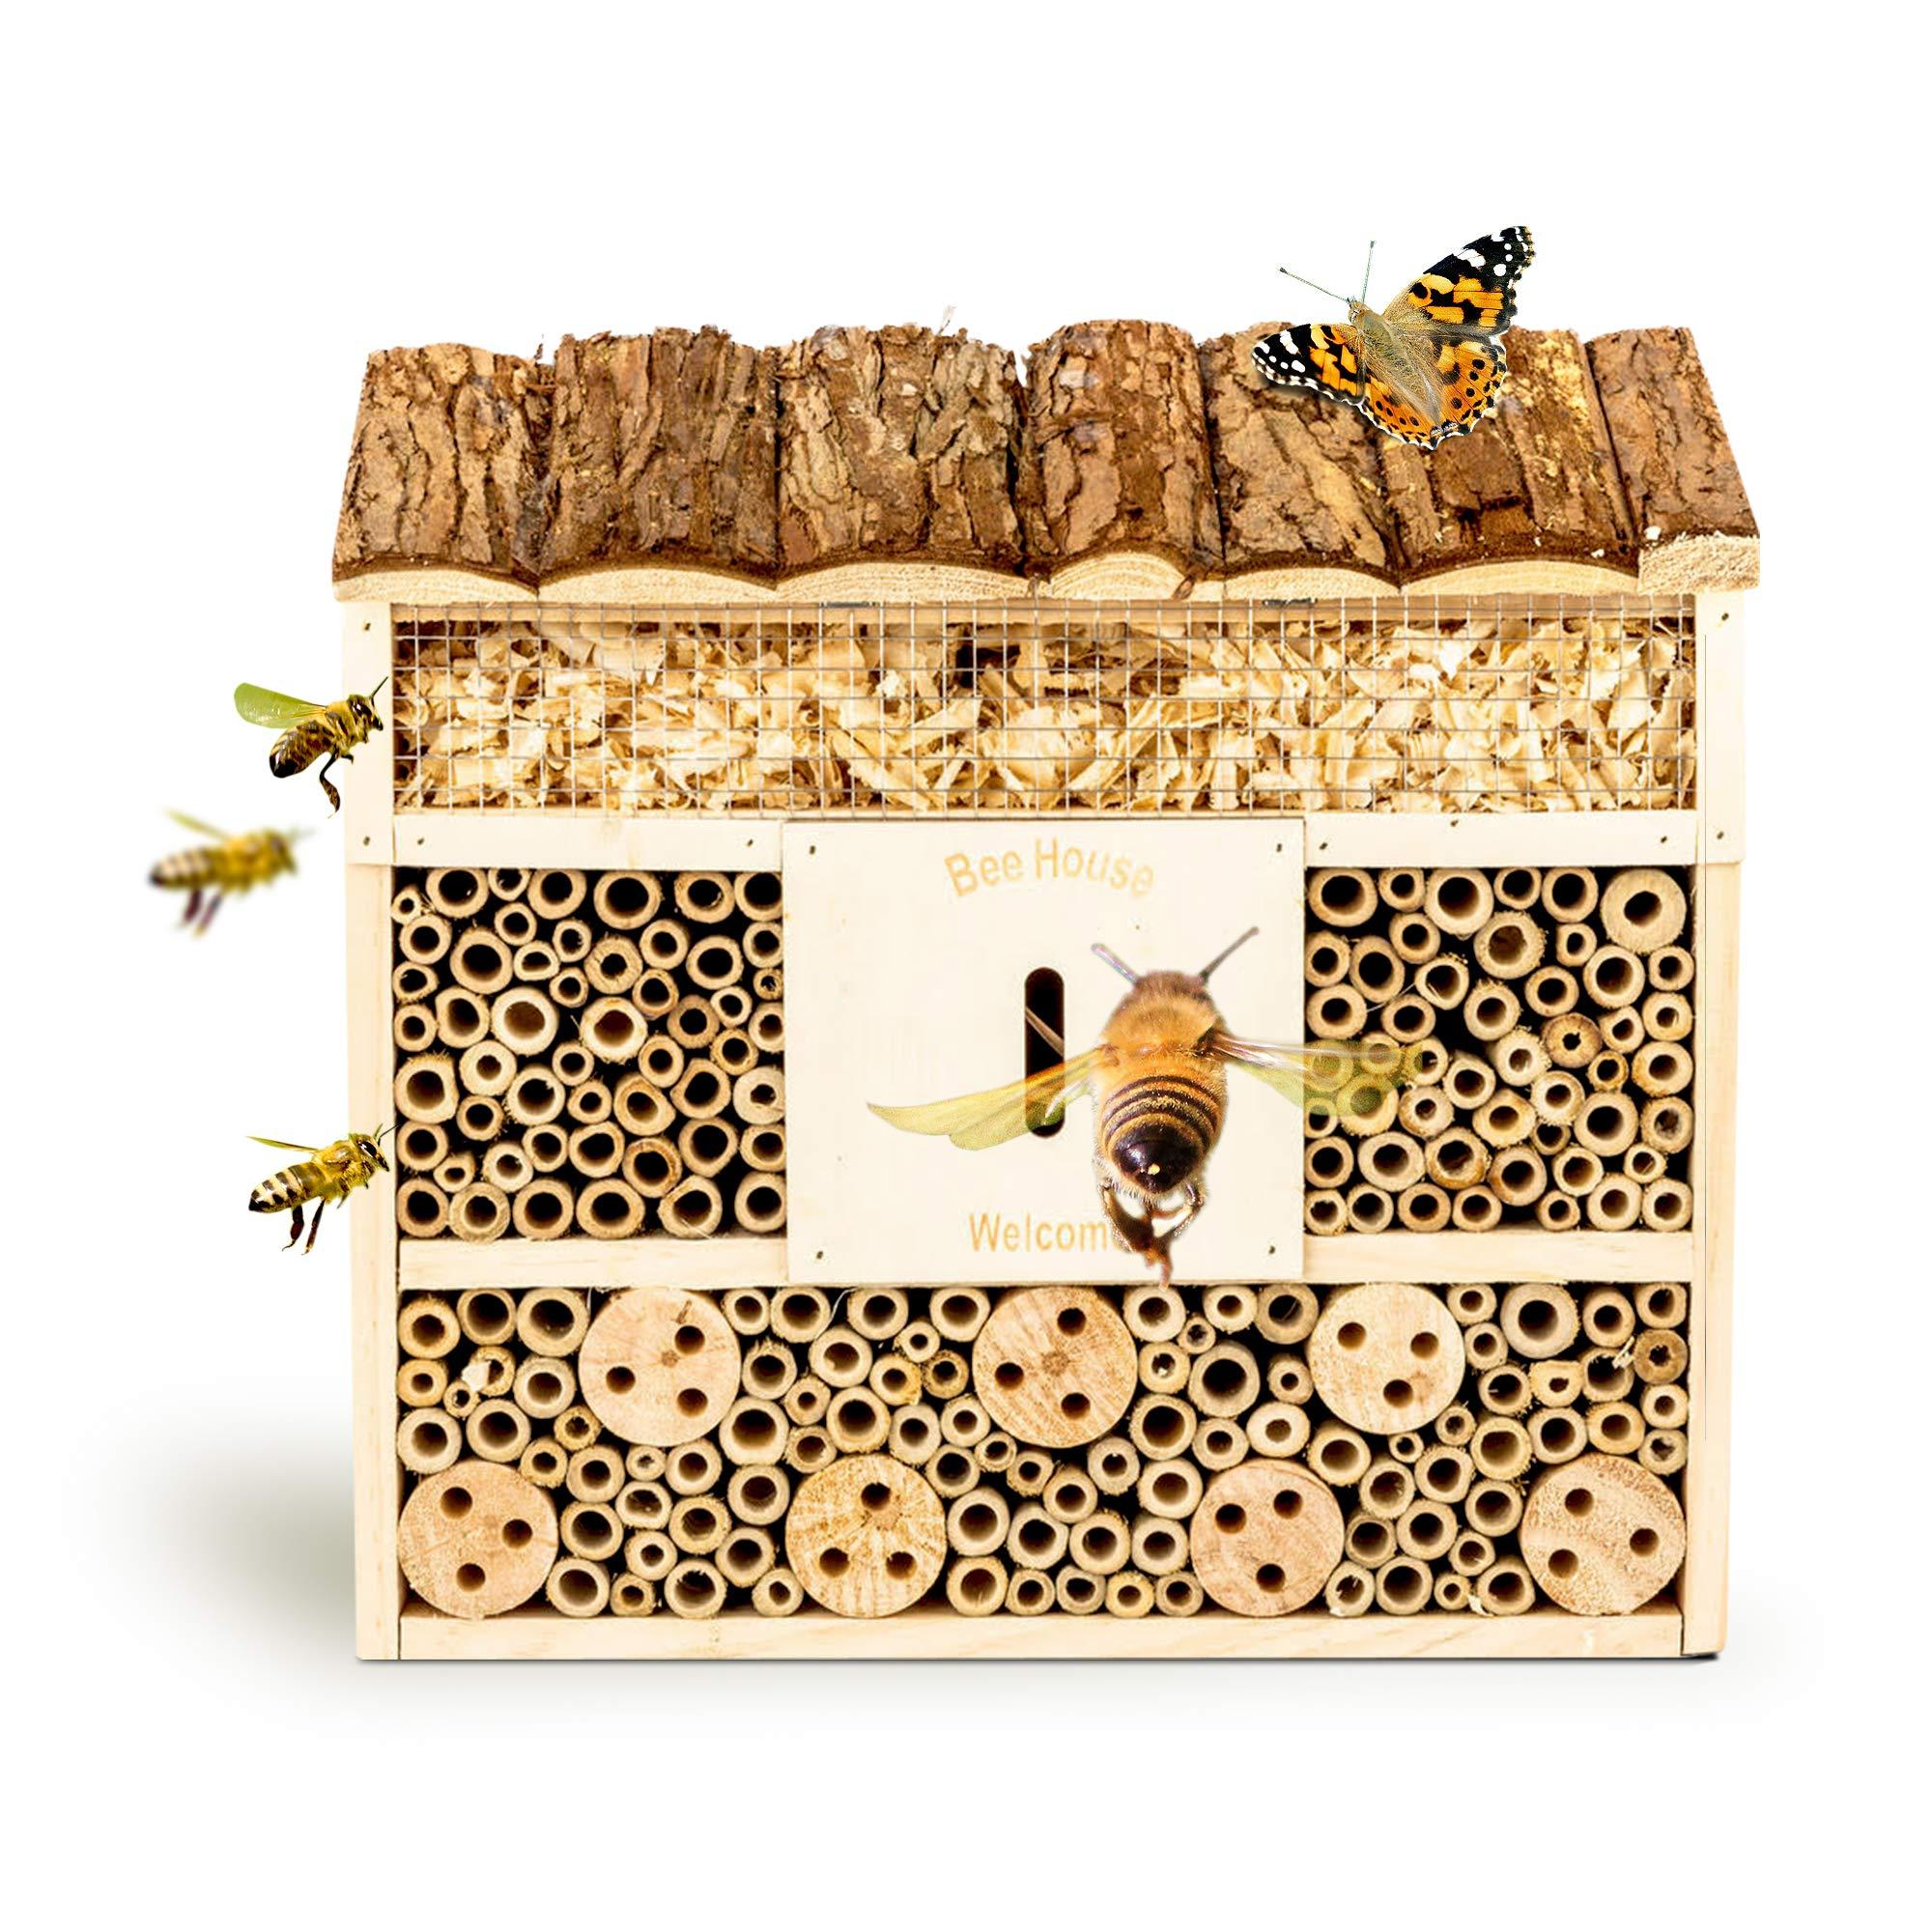 bambuswald© Hotel de Insectos con 3 Pisos y casa de Mariposas ...